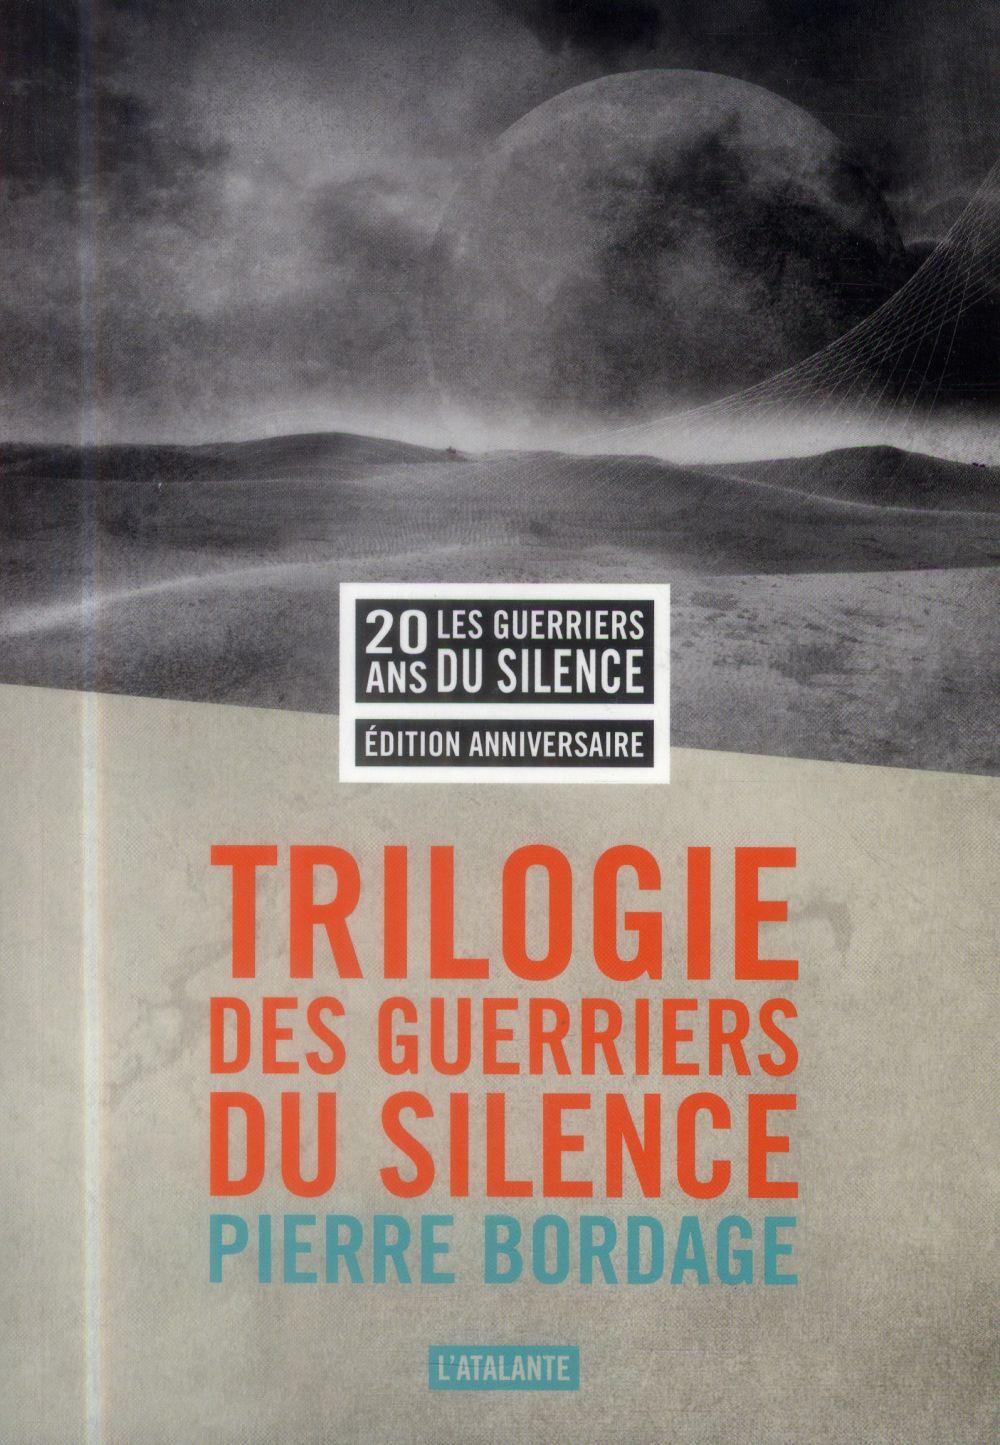 LA TRILOGIE DES GUERRIERS DU SILENCE